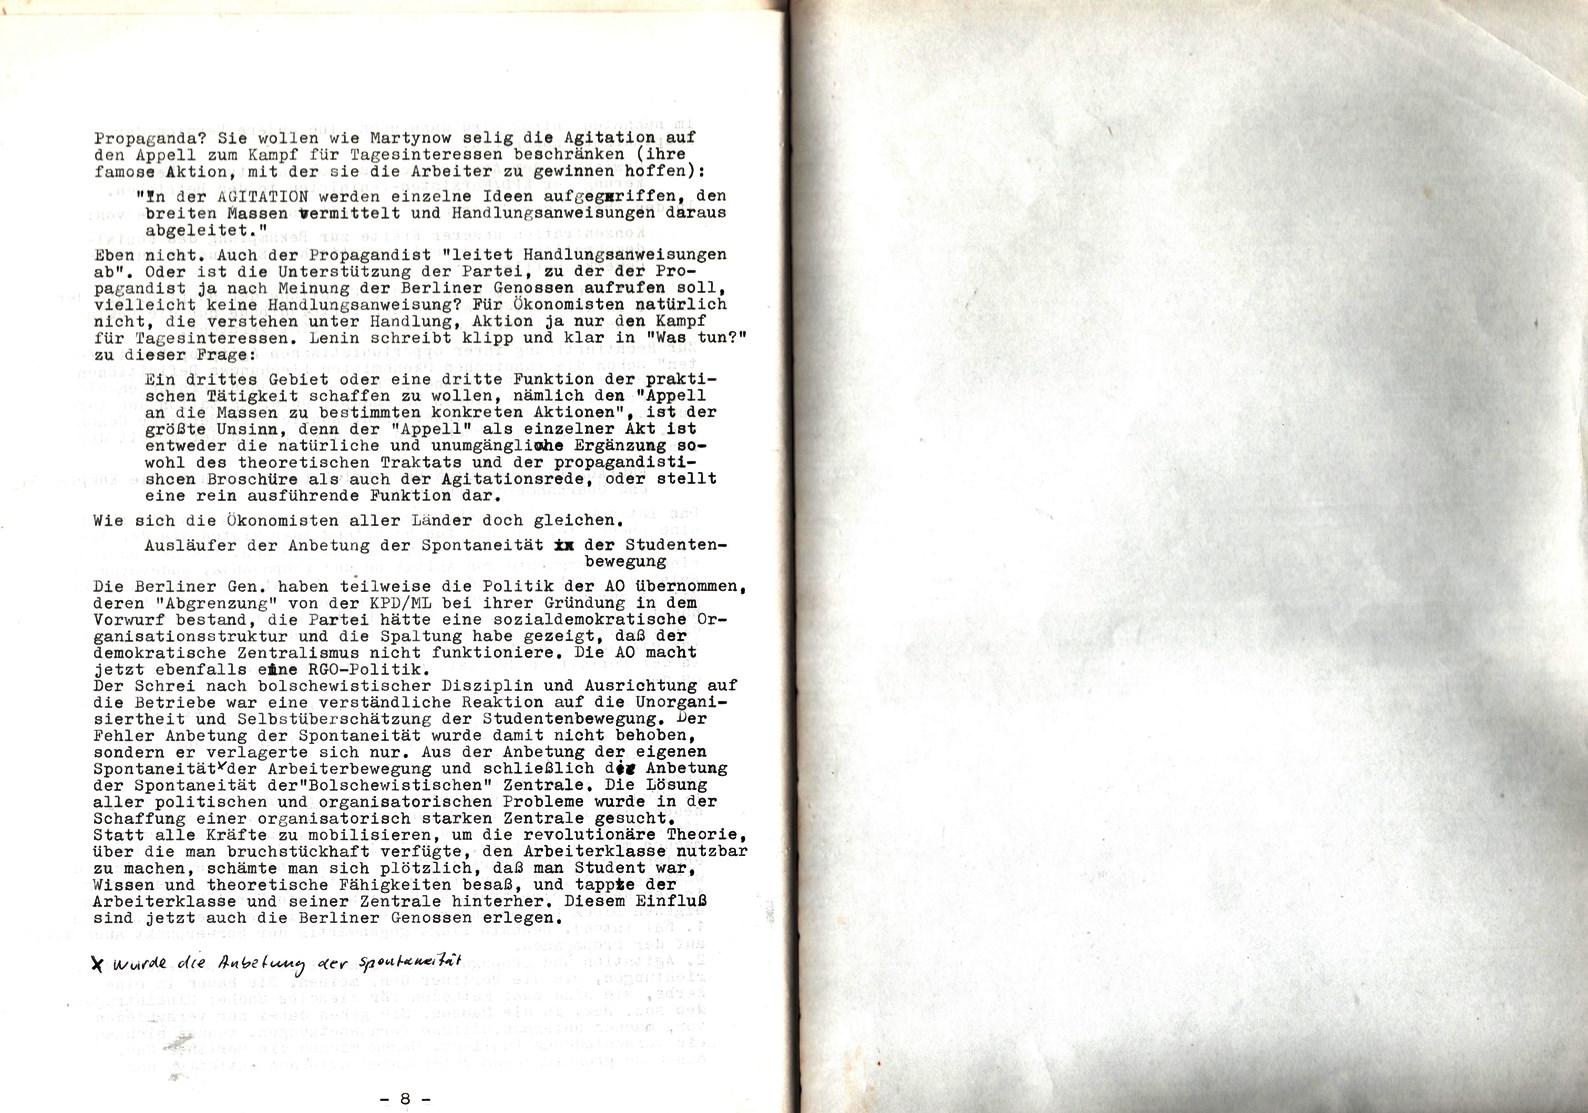 KPDML_1971_Analysen_und_Antraege_des_LV_Sued_West_054